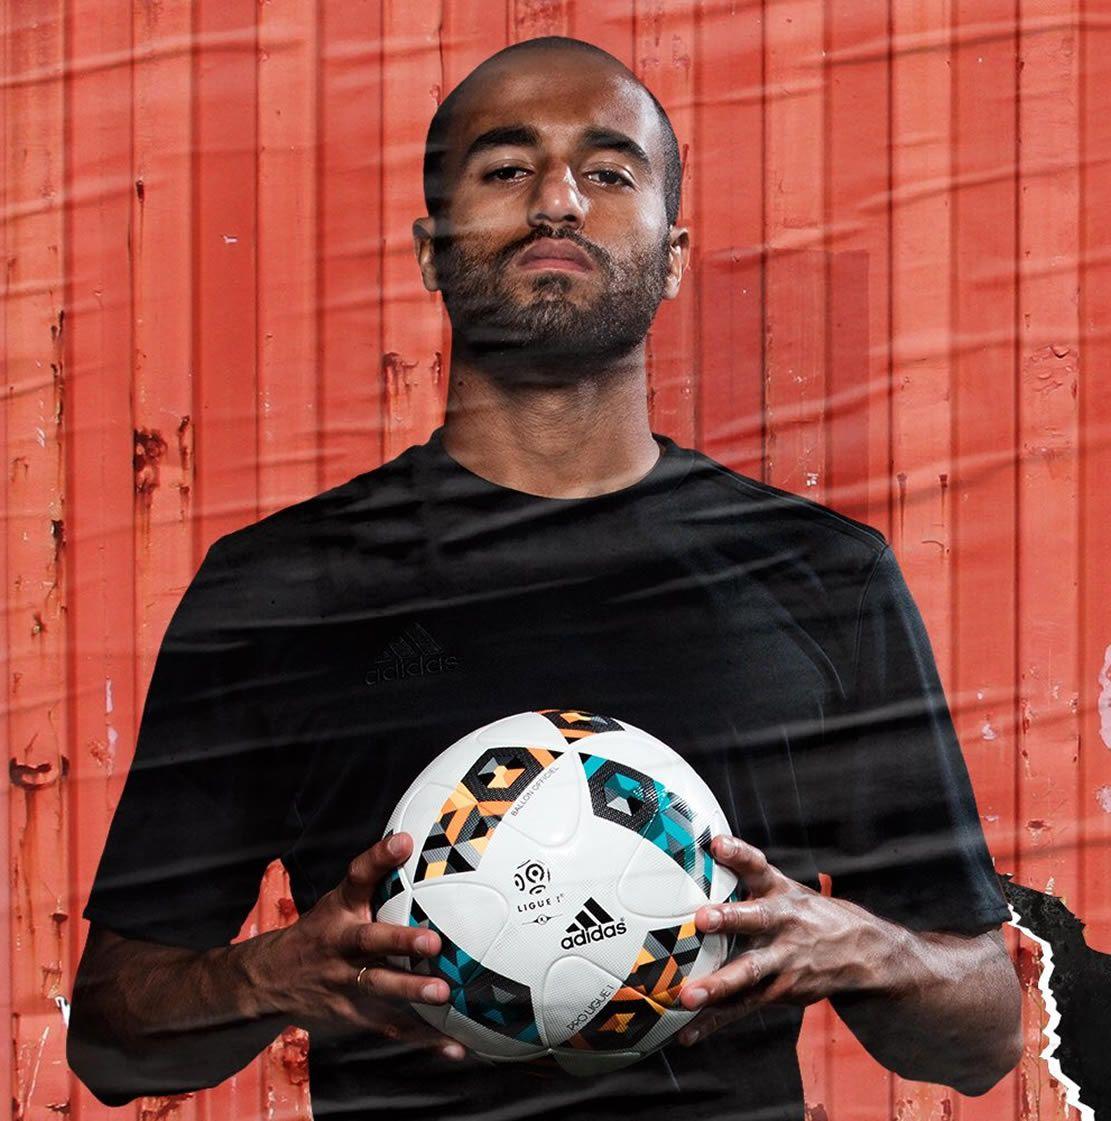 Lucas Moura De Que Pais Es: Balón Adidas De Invierno Ligue 1 2016/2017